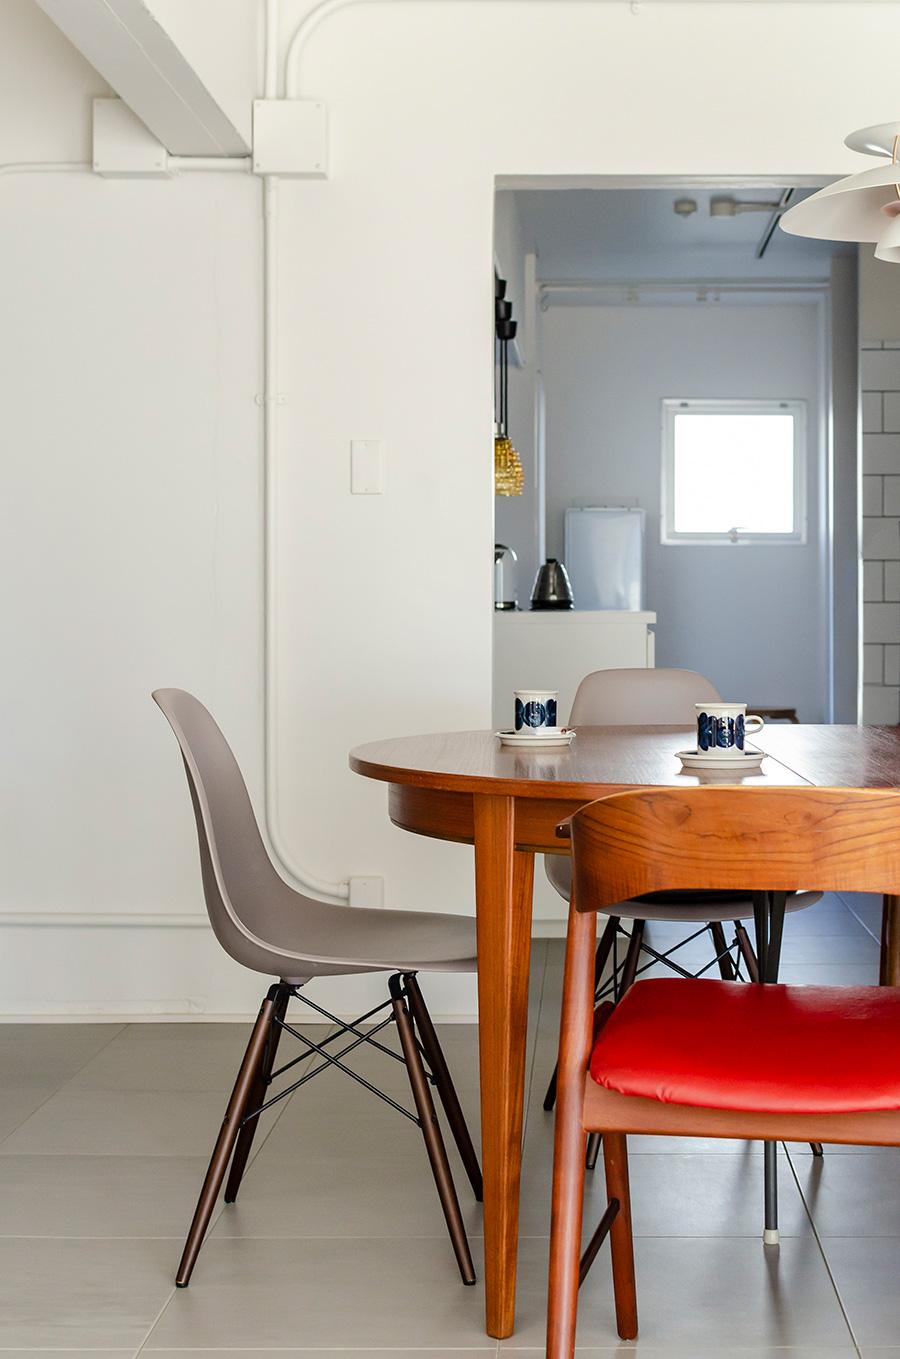 椅子はあえて一つ一つデザインを変えて。